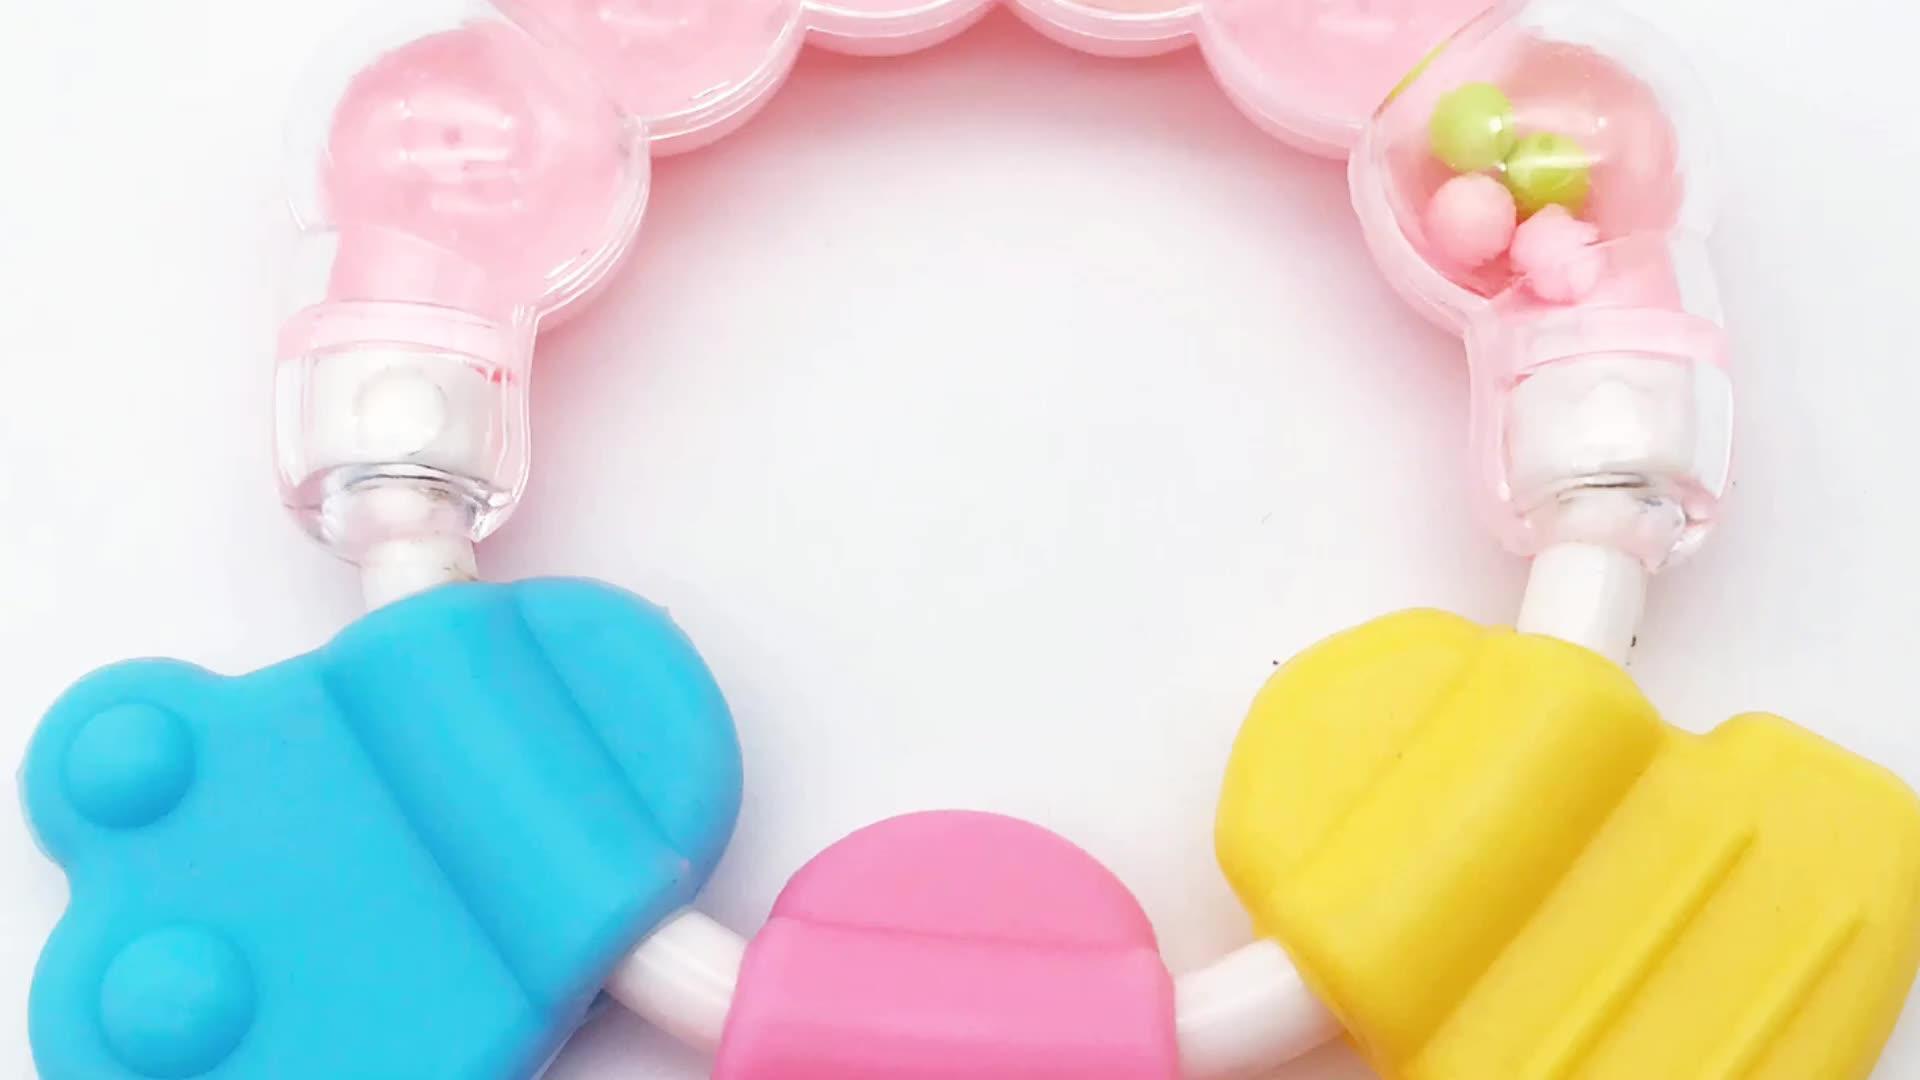 תינוק מוצרים של כל סוגים BPA משלוח מוצץ קליפ עם עיצוב ומדגם משלוח